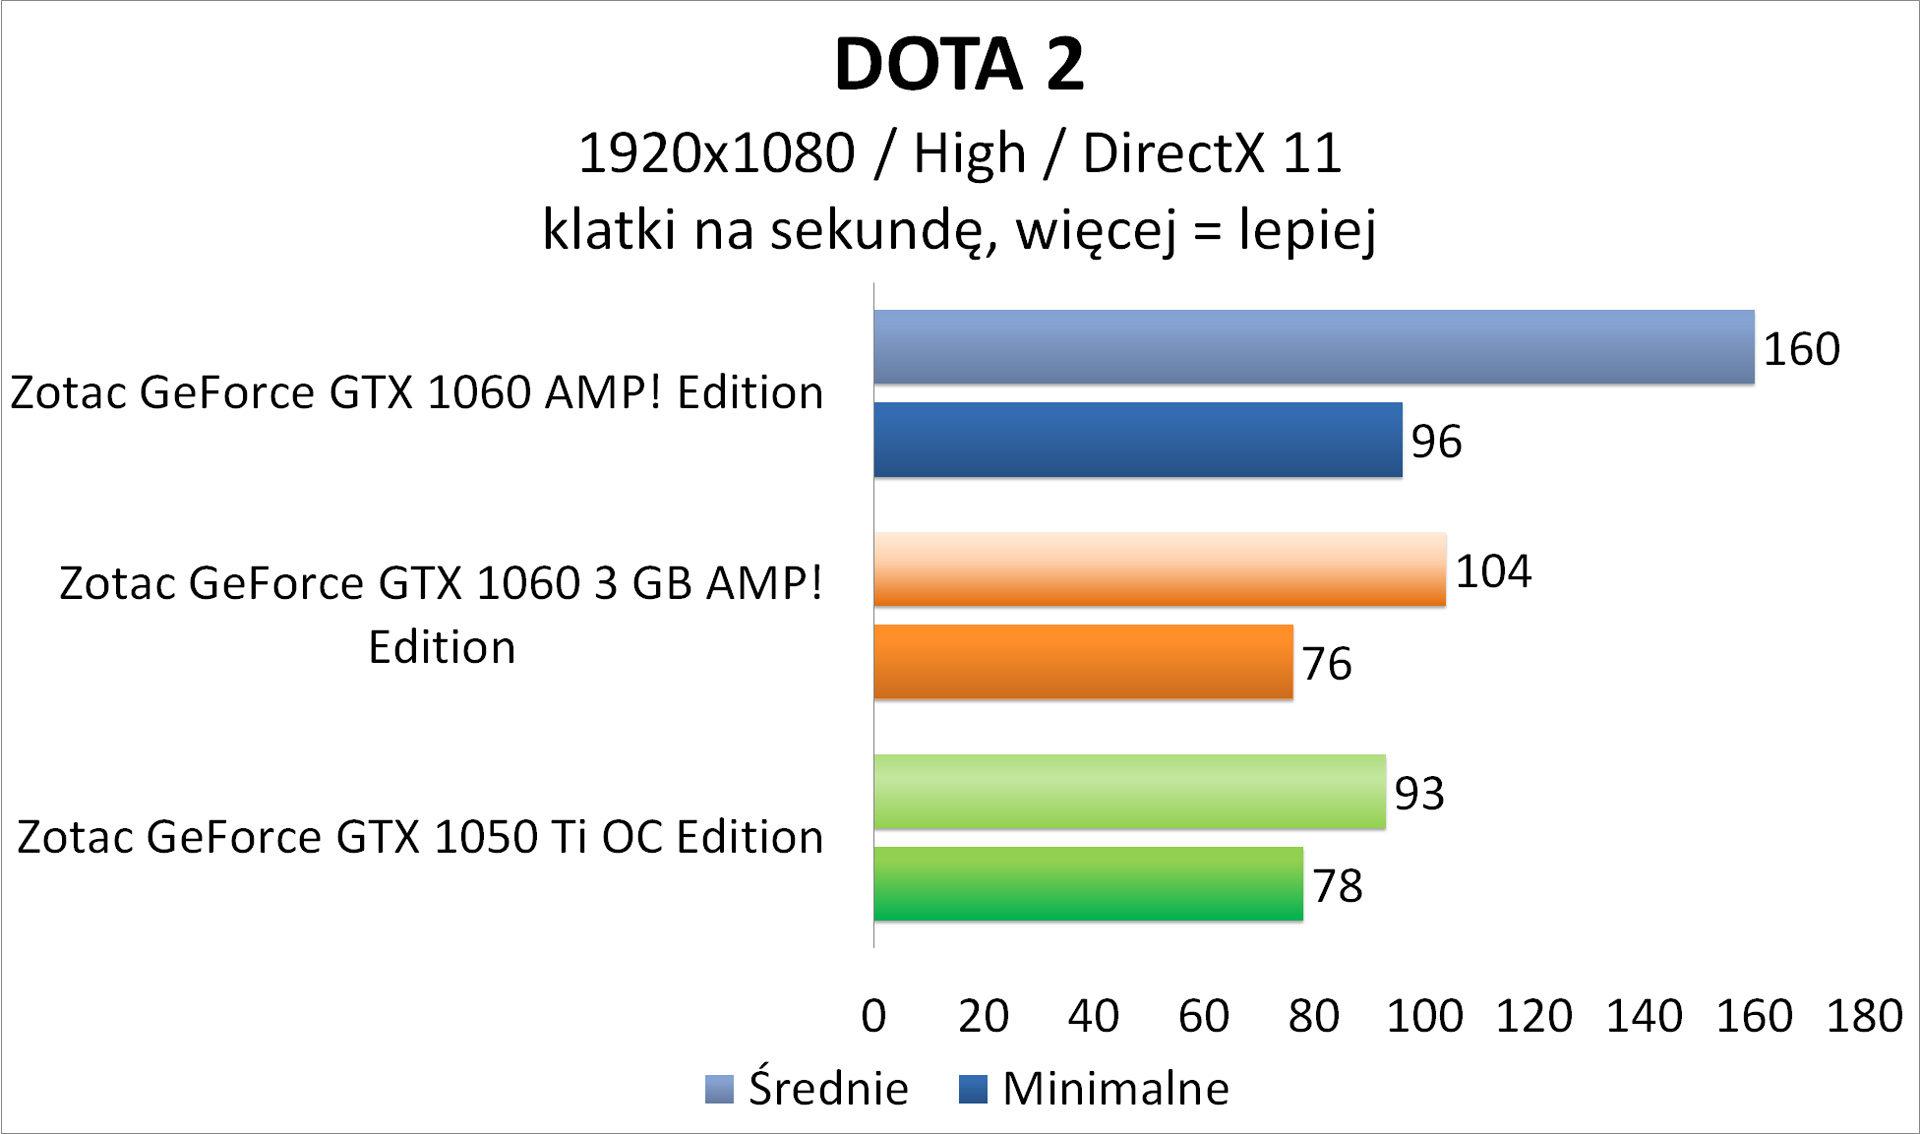 Zotac GeForce GTX 1050 Ti OC Edition - DOTA 2